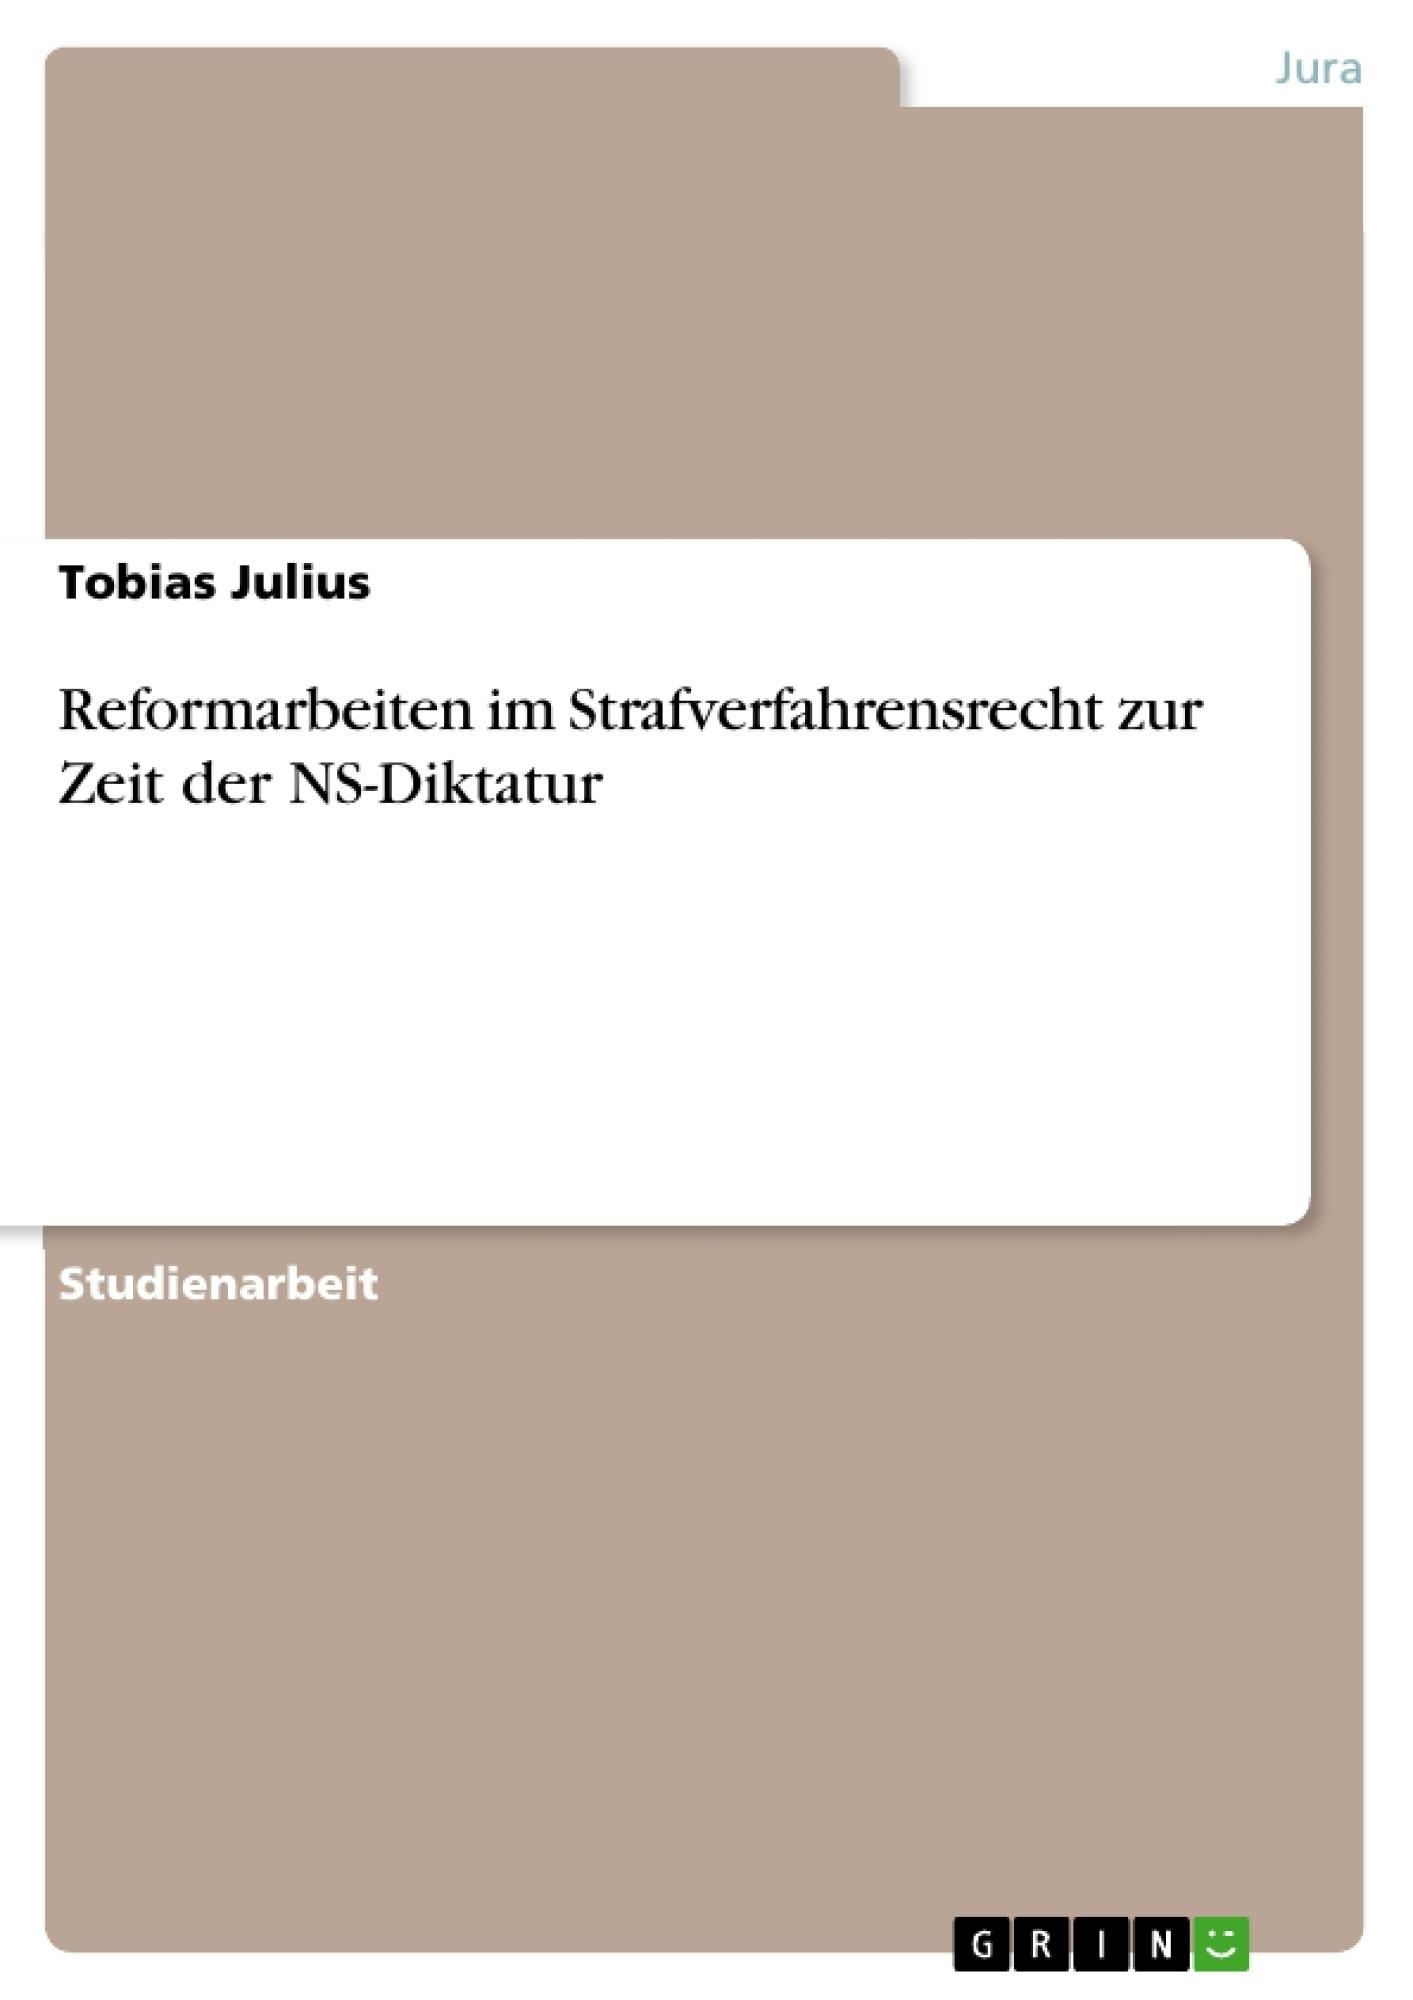 Titel: Reformarbeiten im Strafverfahrensrecht zur Zeit der NS-Diktatur